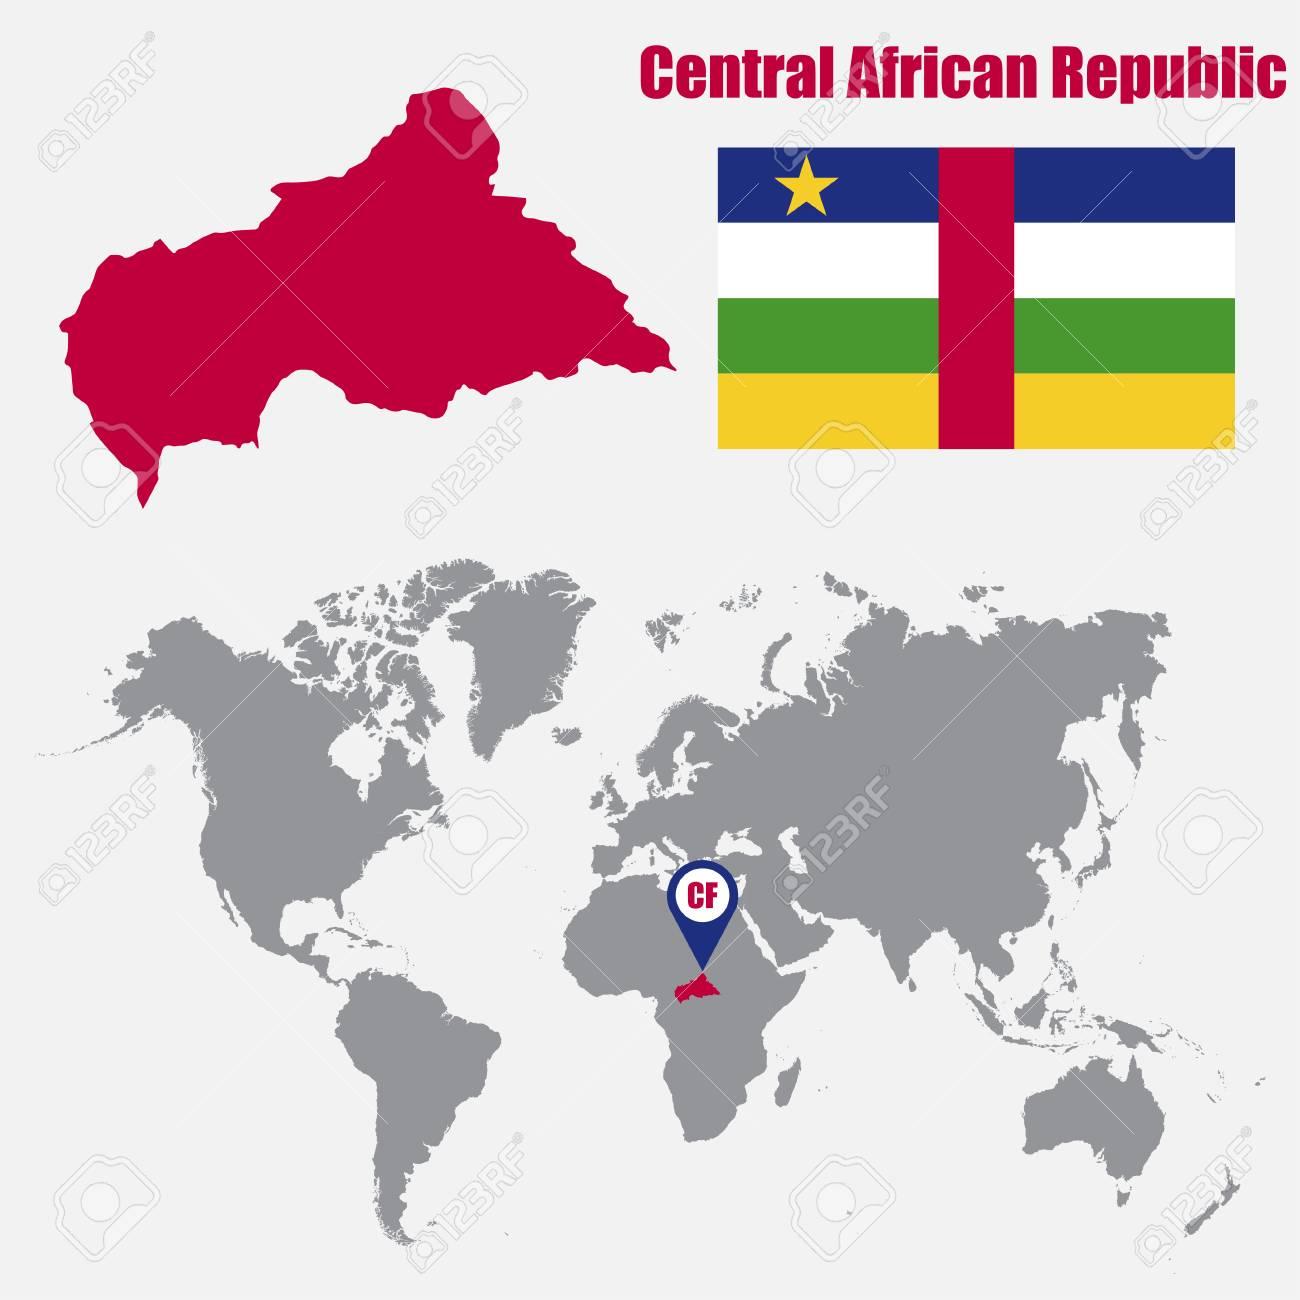 Mapa De La República Centroafricana En Un Mapa Del Mundo Con La